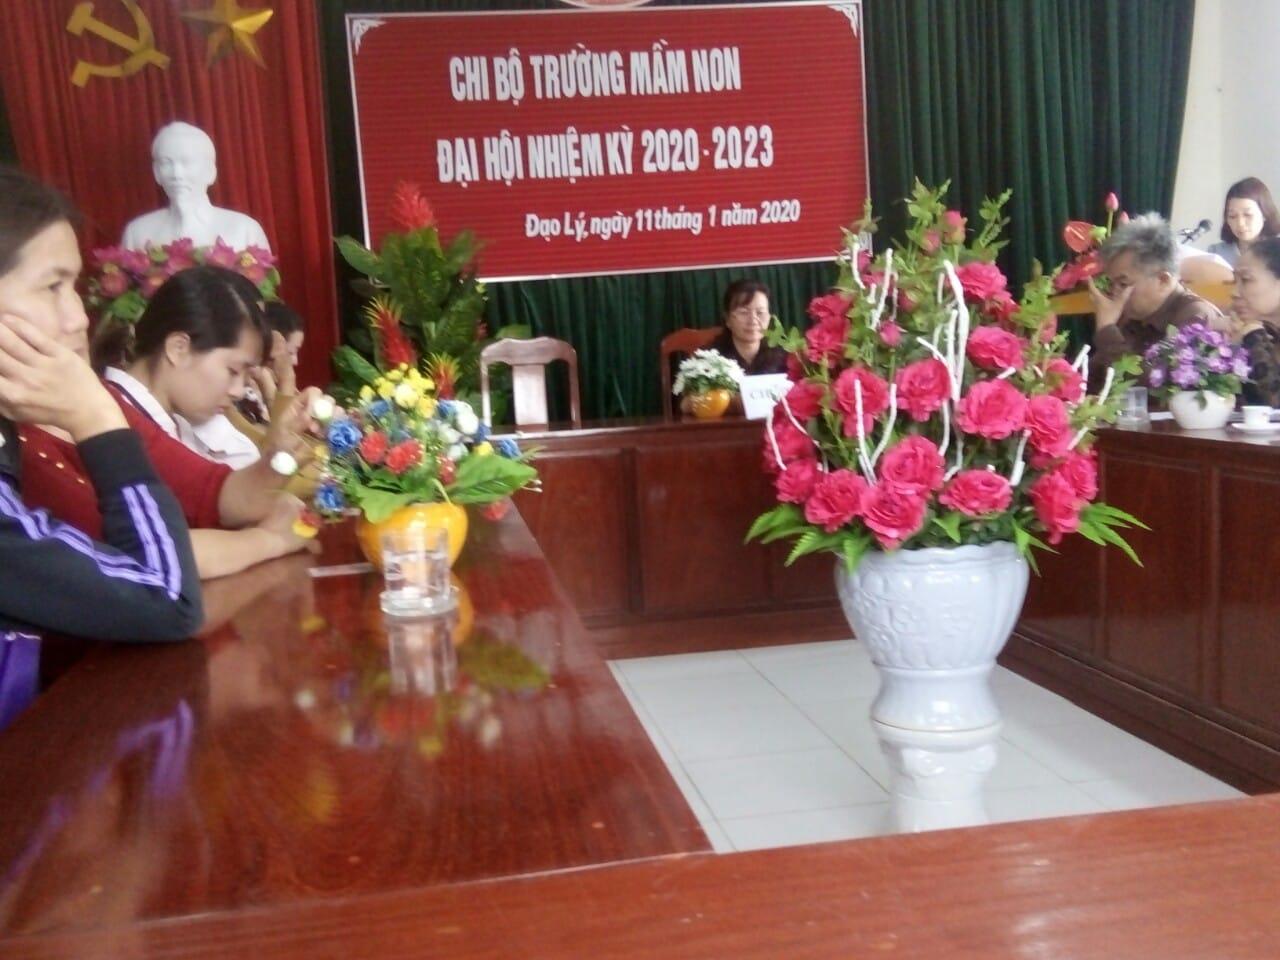 Trường Mầm non xã Đạo Lý đã tổ chức đại hội chi bộ Đảng nhiệm kỳ 2020-2023